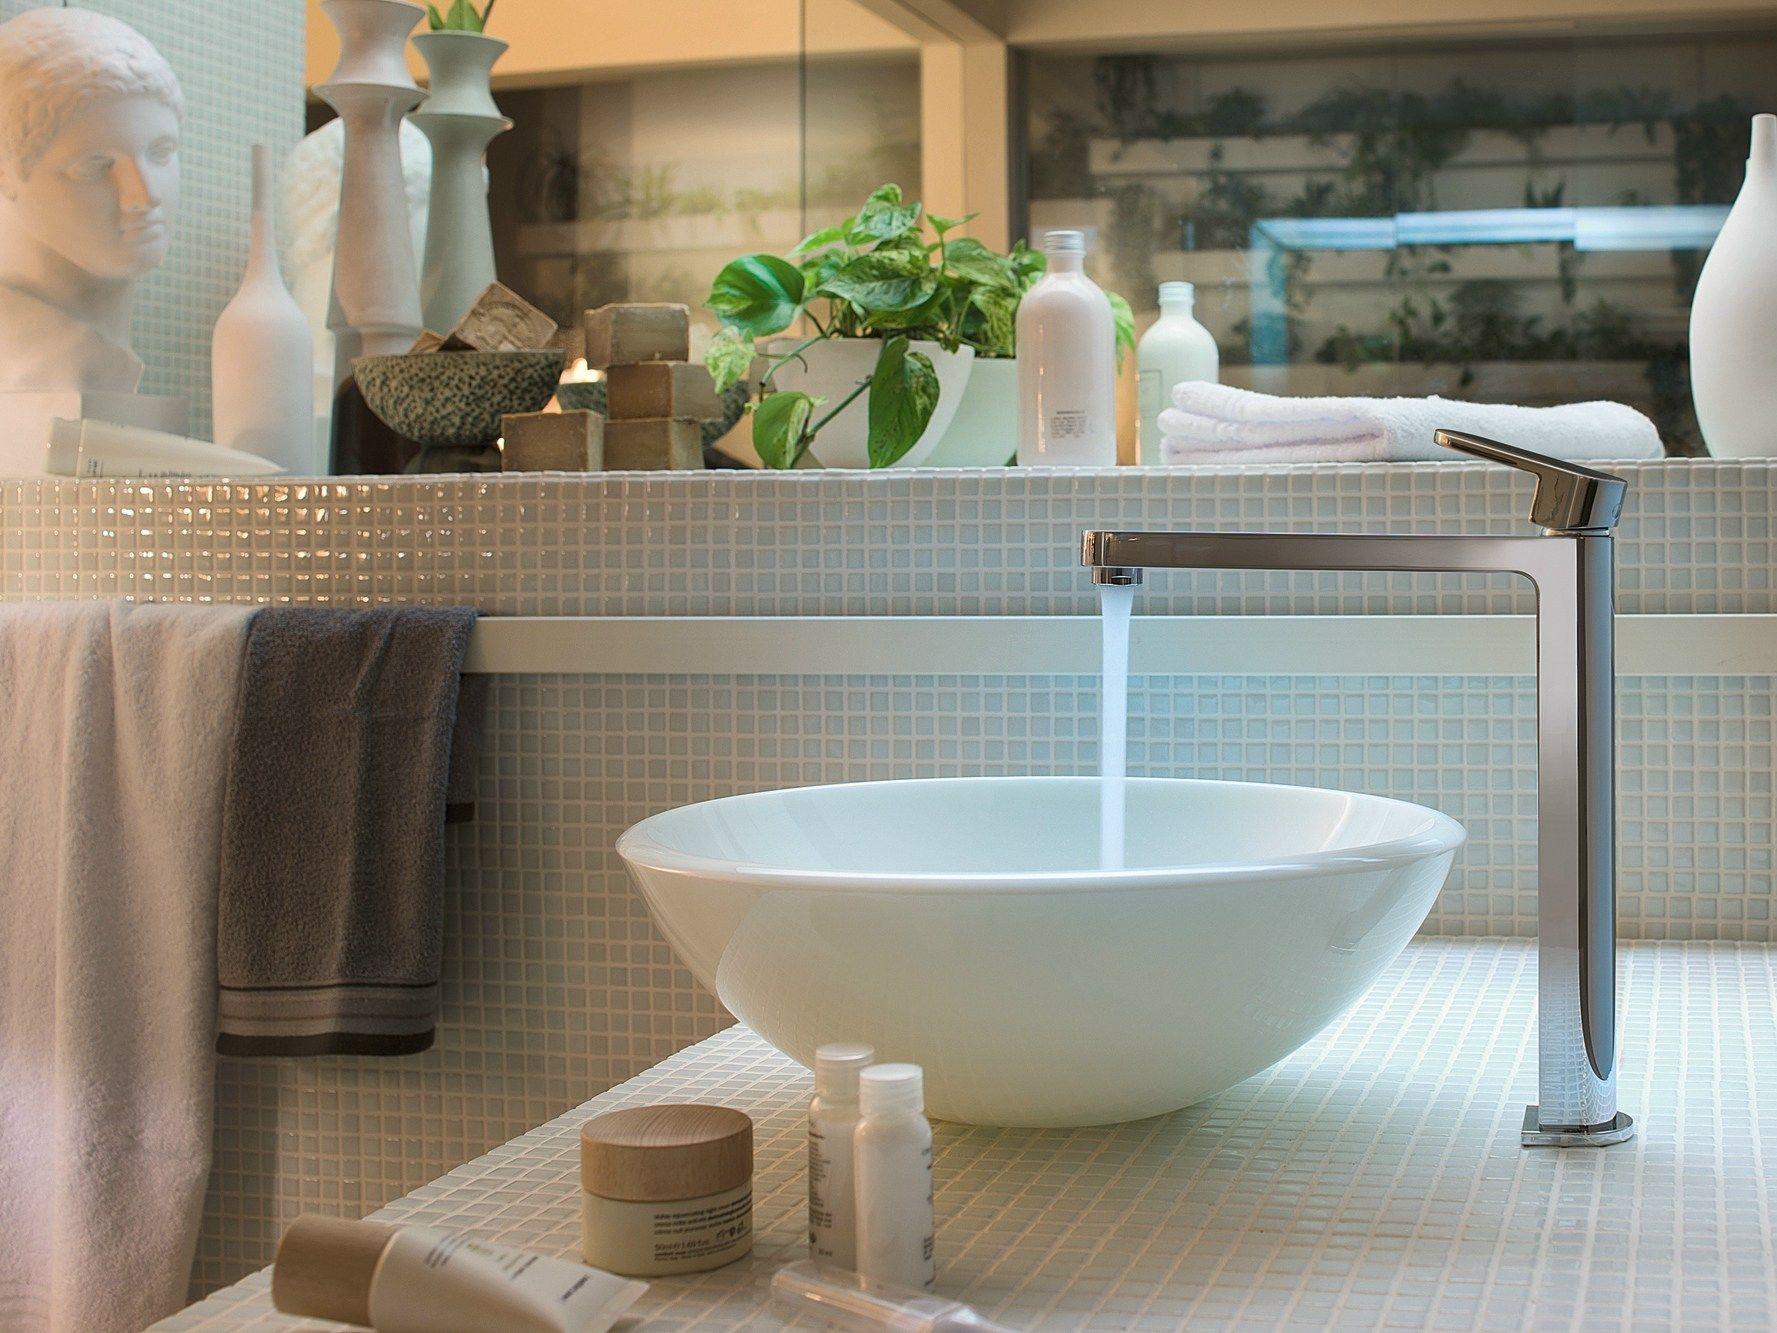 Up miscelatore per lavabo cromo by carlo nobili s p a rubinetterie design centro stile - Nobili rubinetterie bagno ...